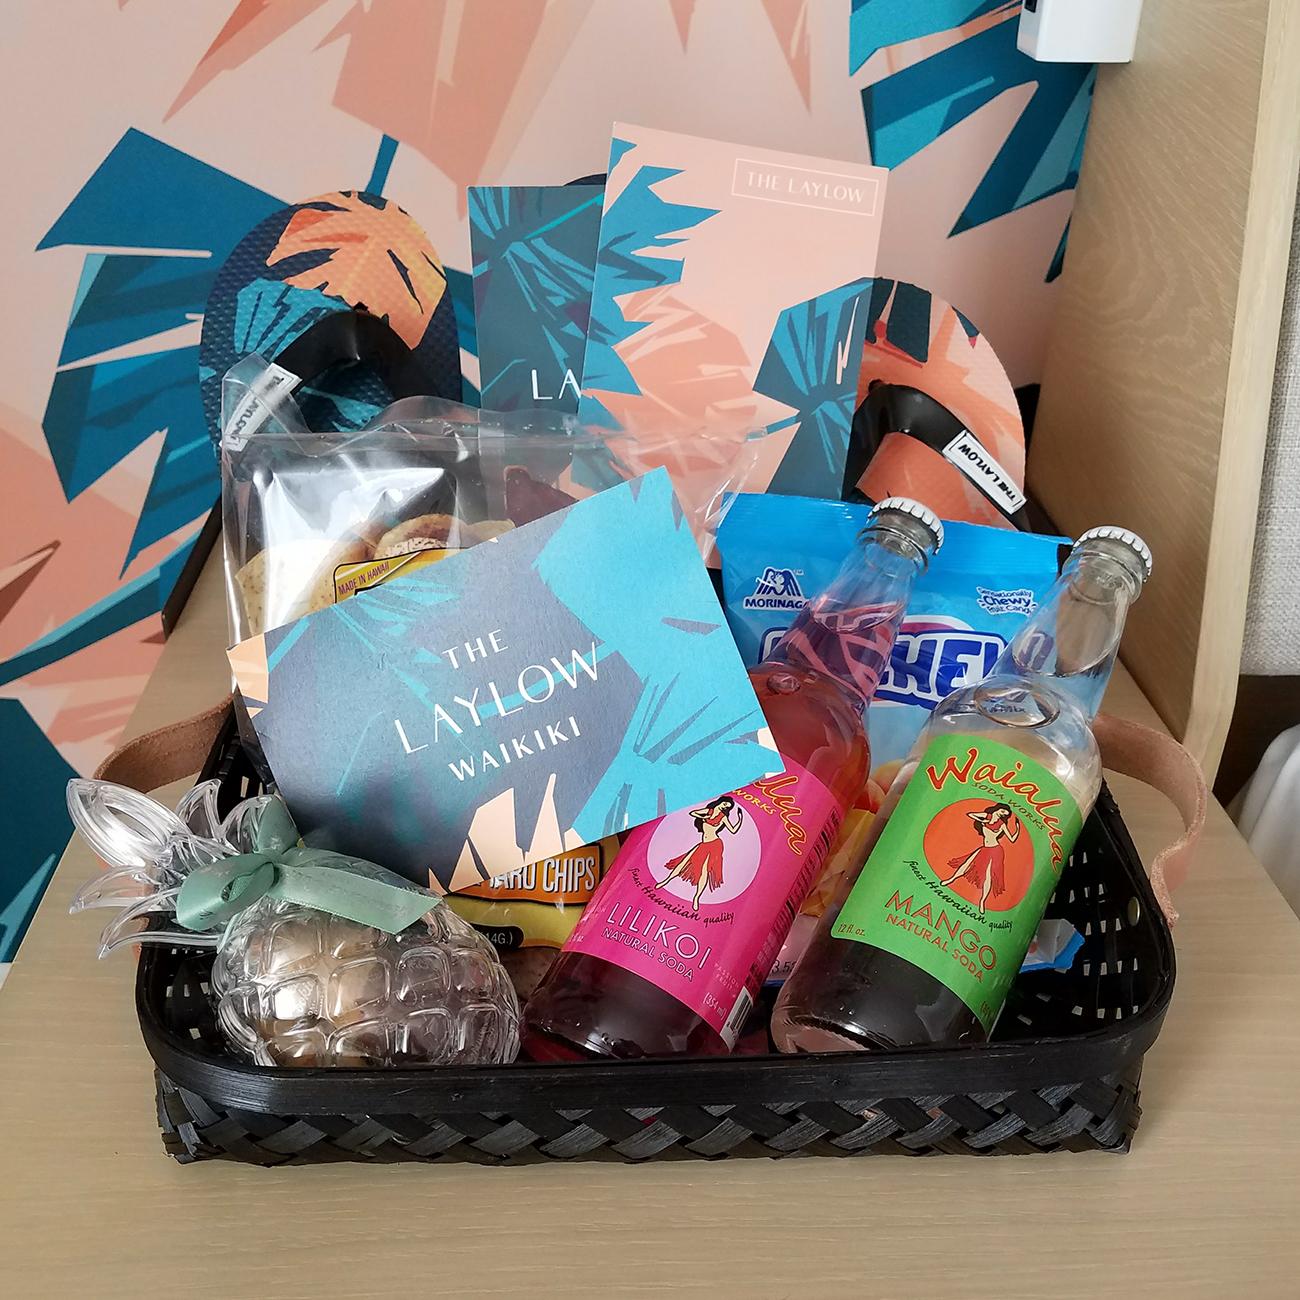 Laylow Waikiki Gift Basket